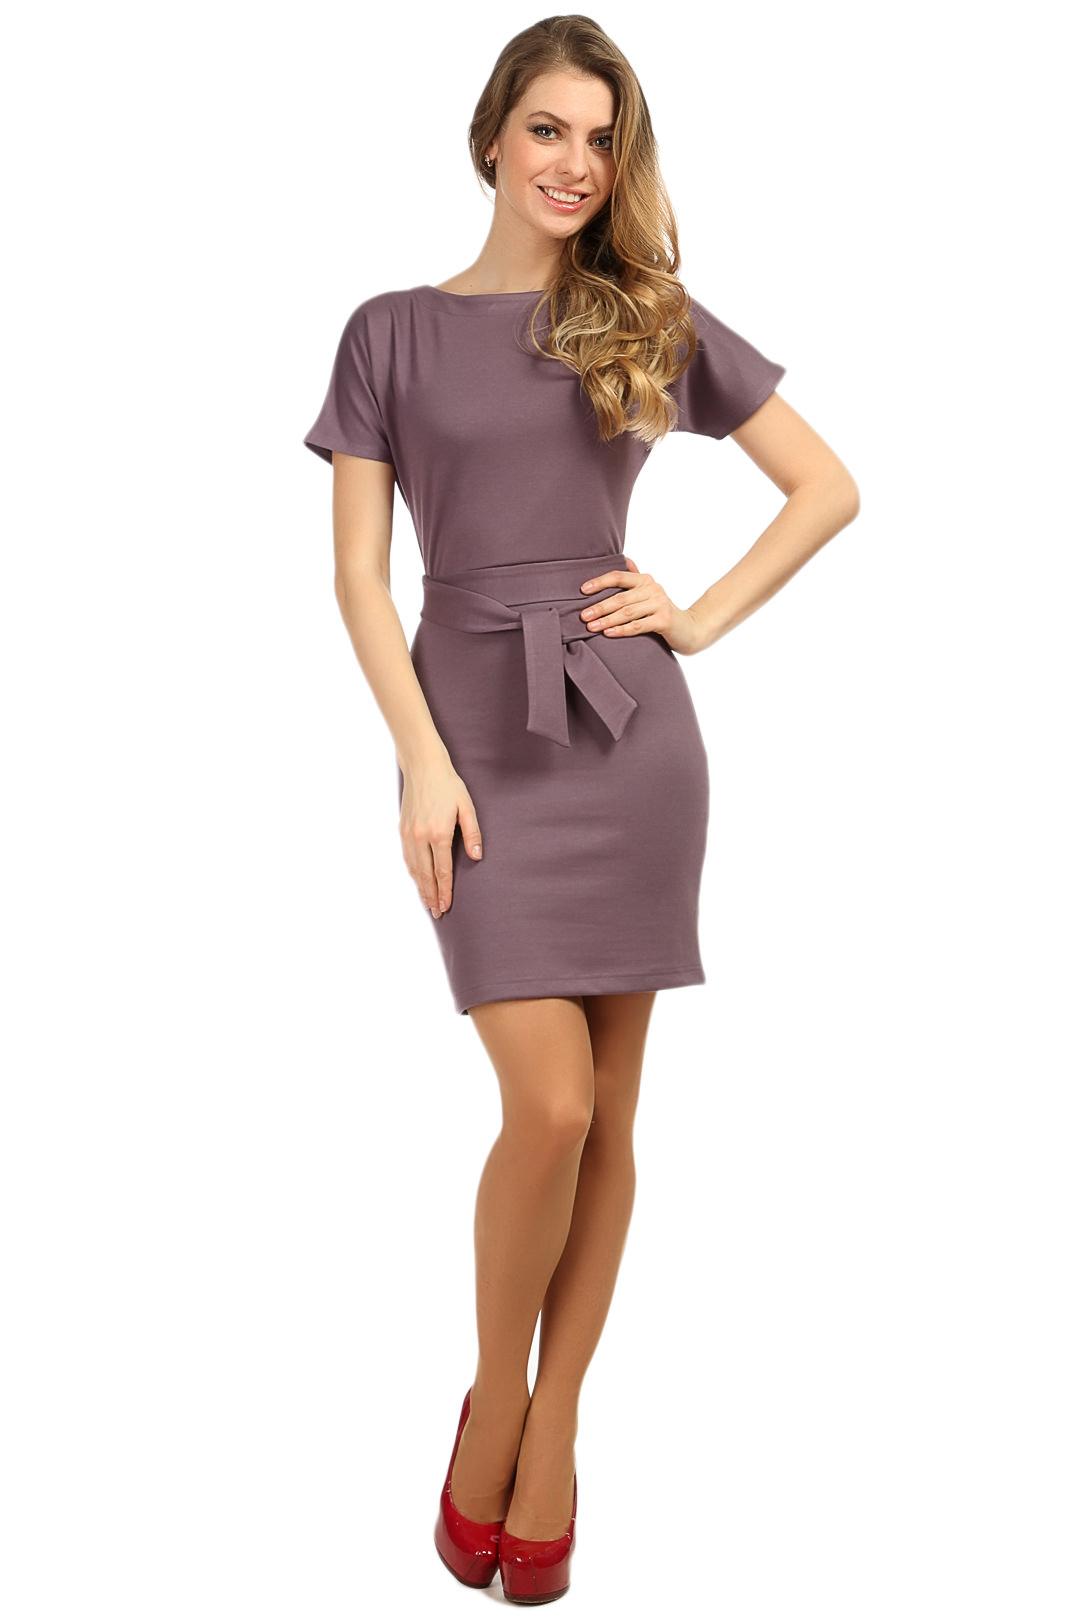 Модели женских платьев с картинками